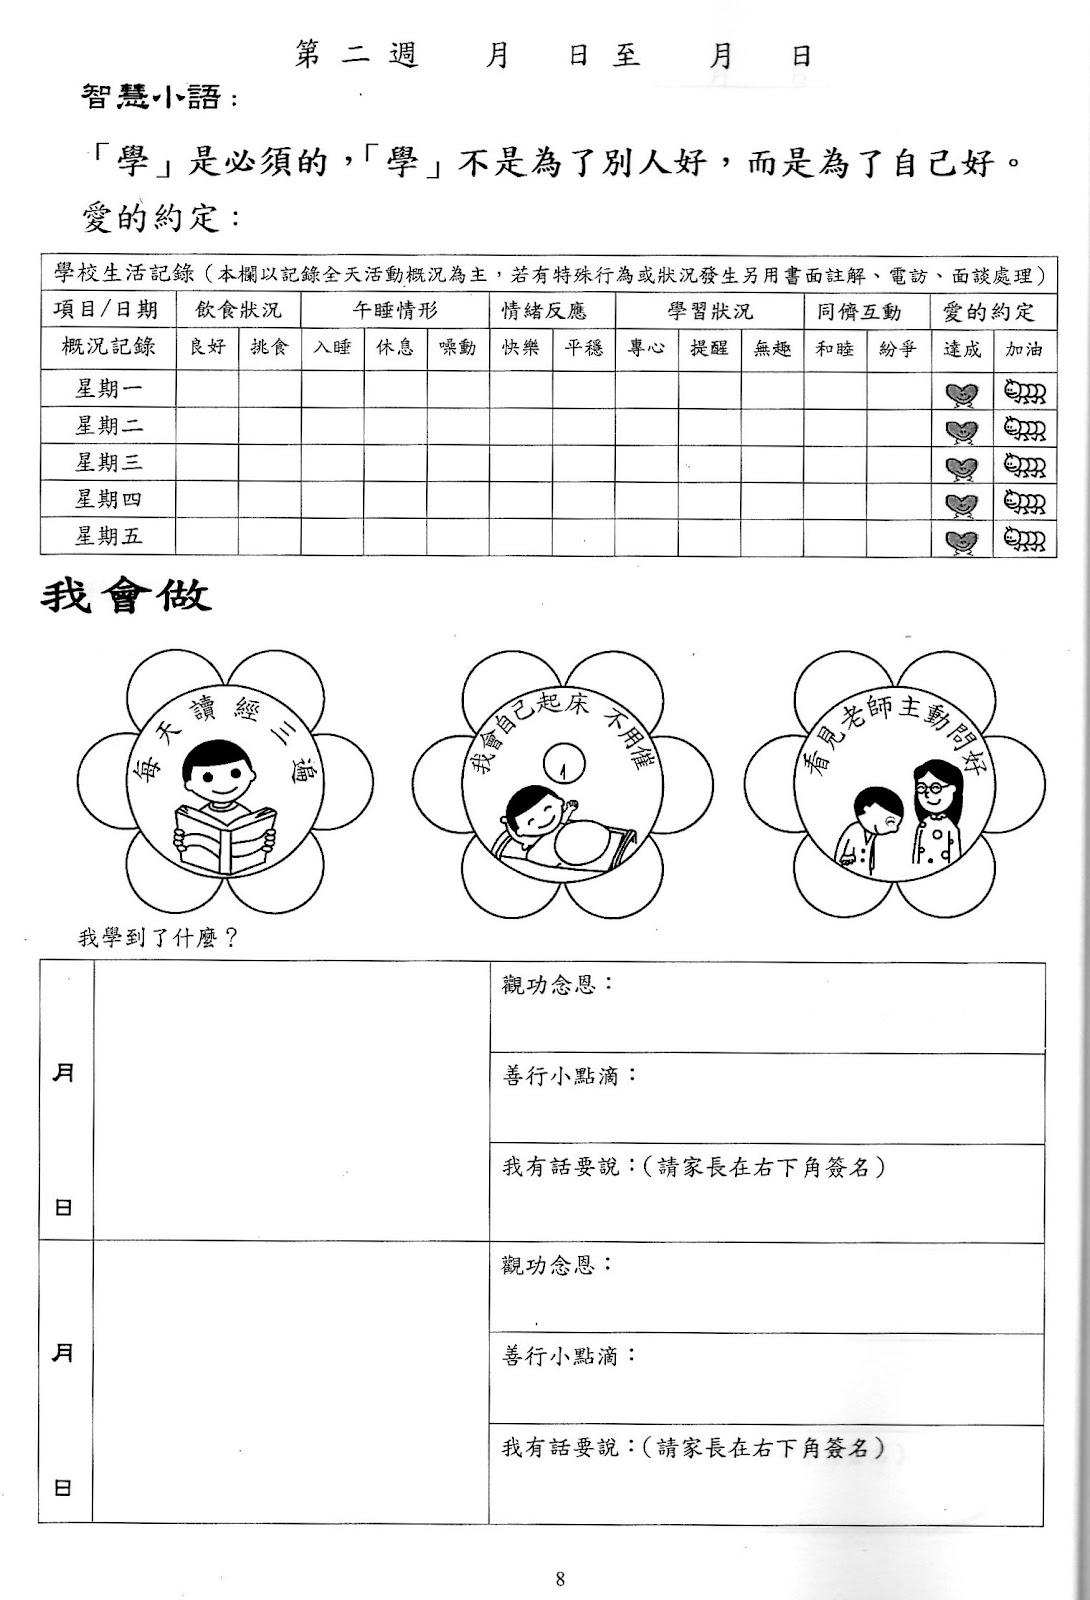 幼兒主題學習單範本| - 愛淘生活